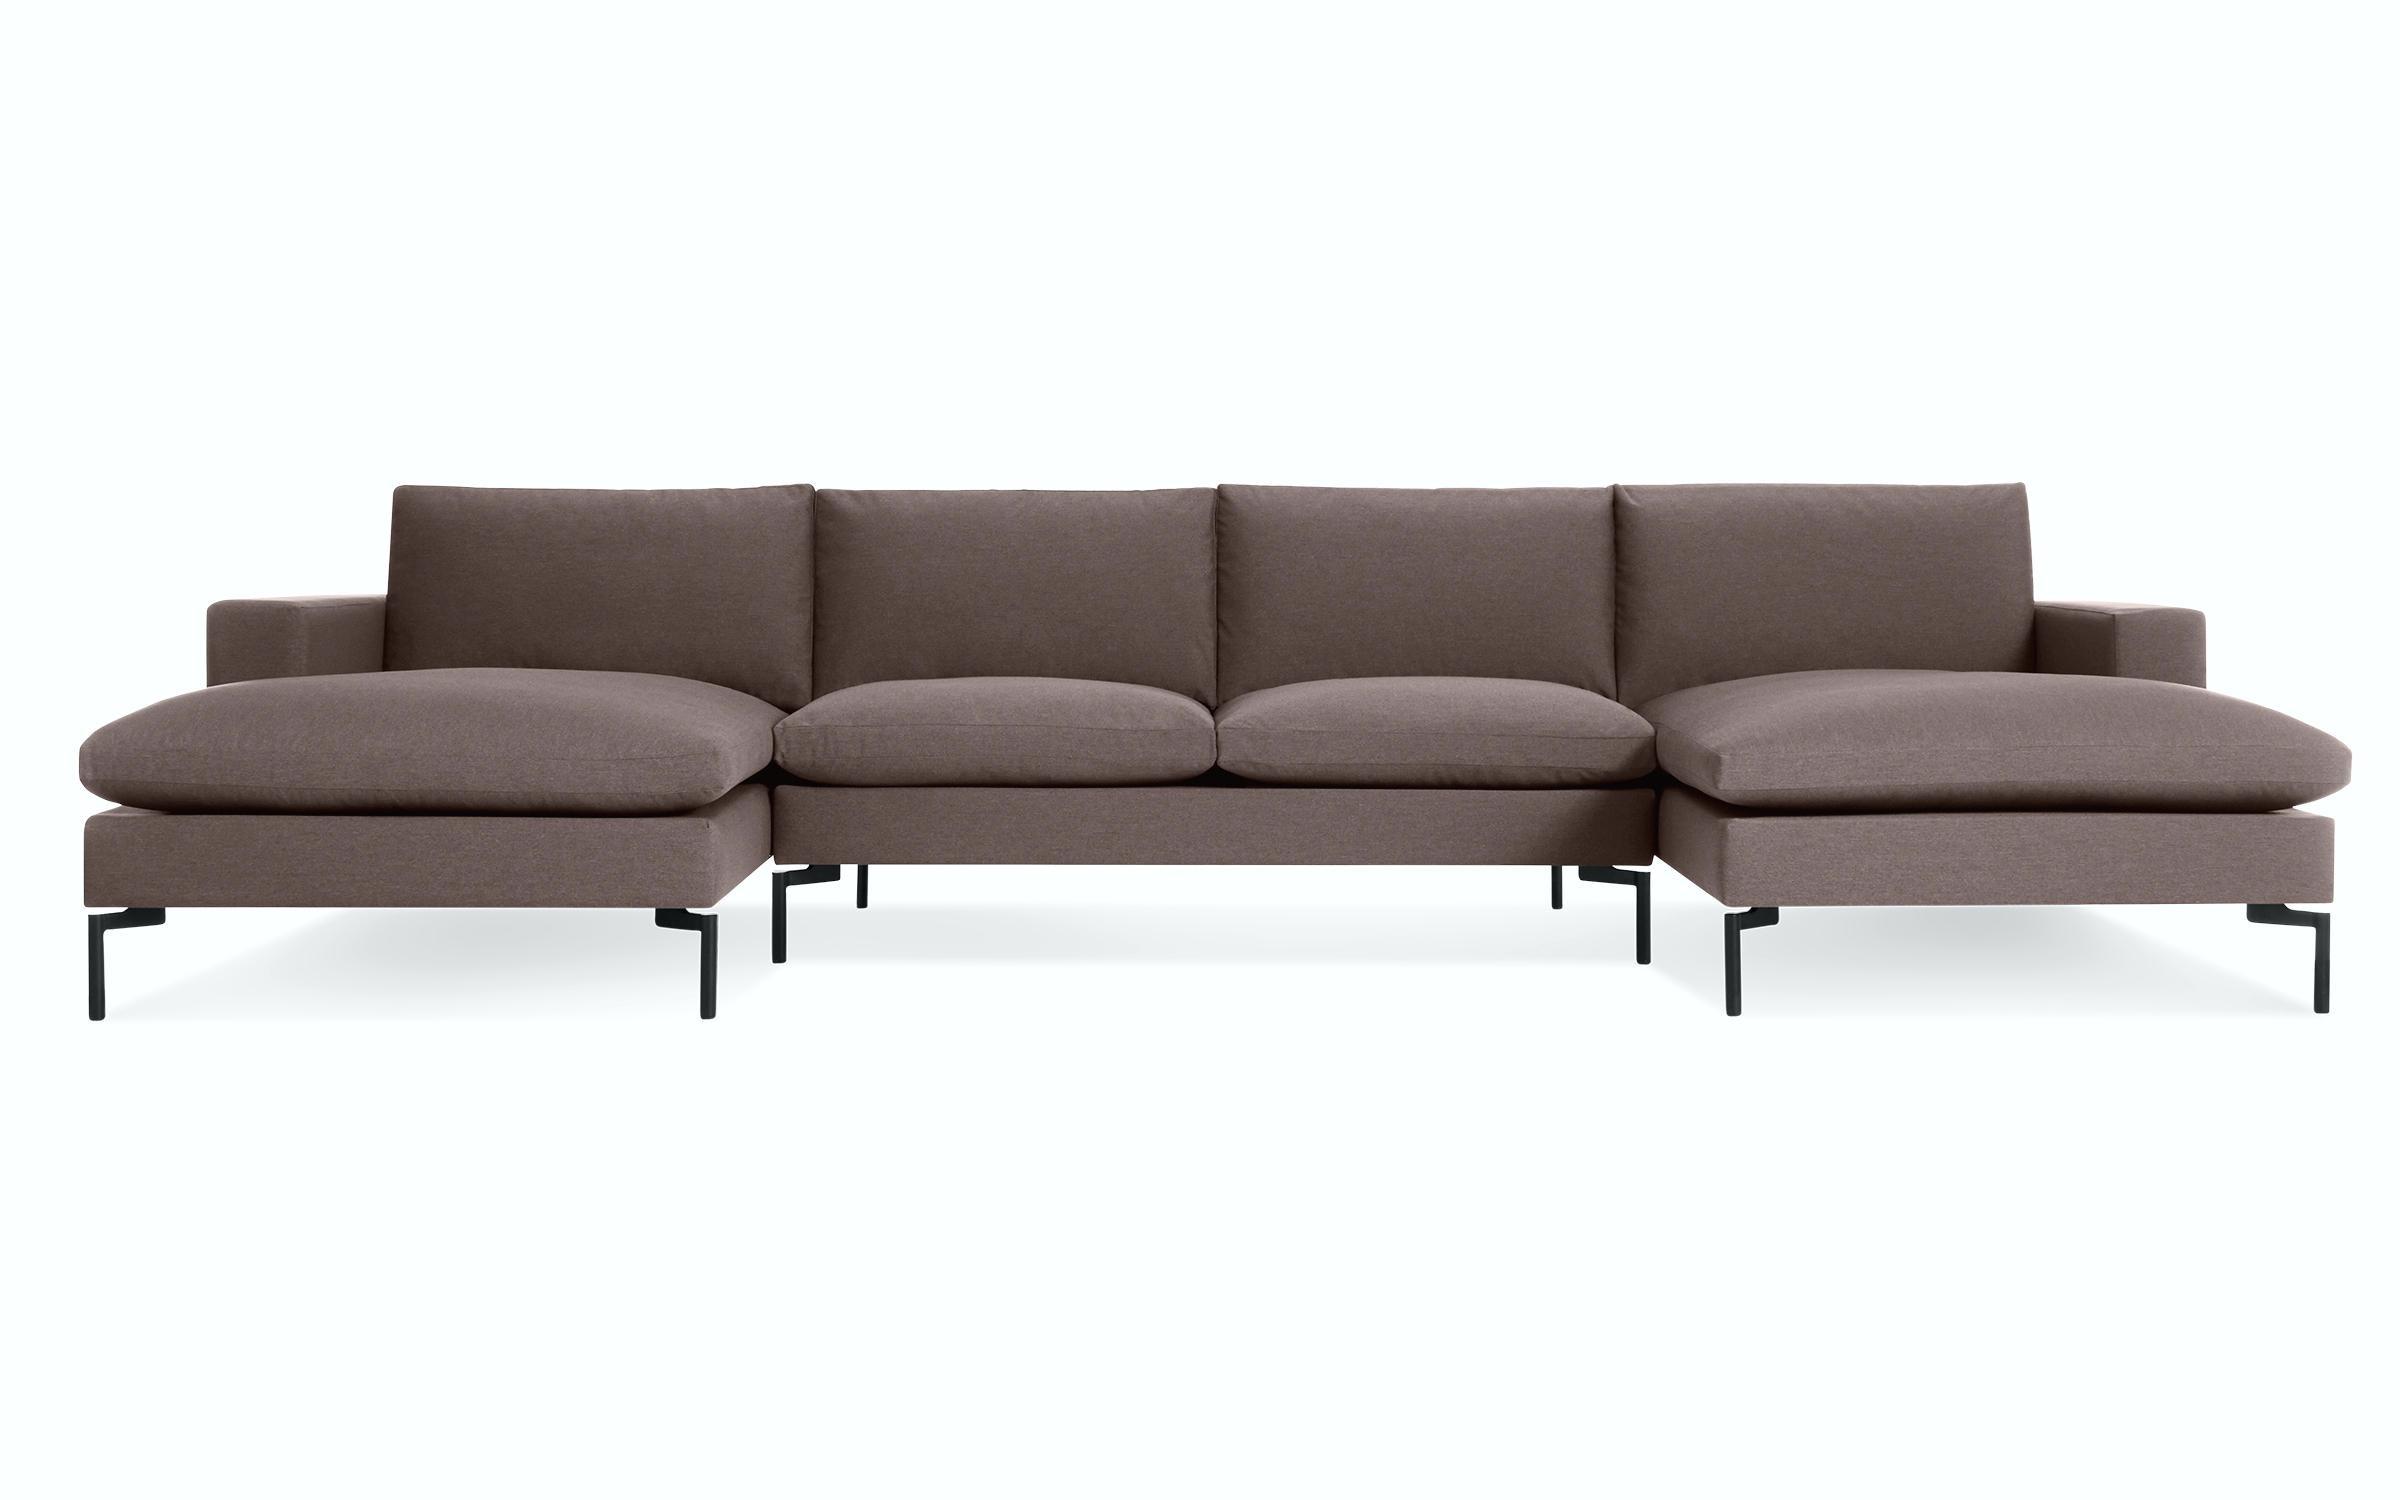 Mehrzahl Sofa  Billige Big Sofas billige sofas online kaufen free couch